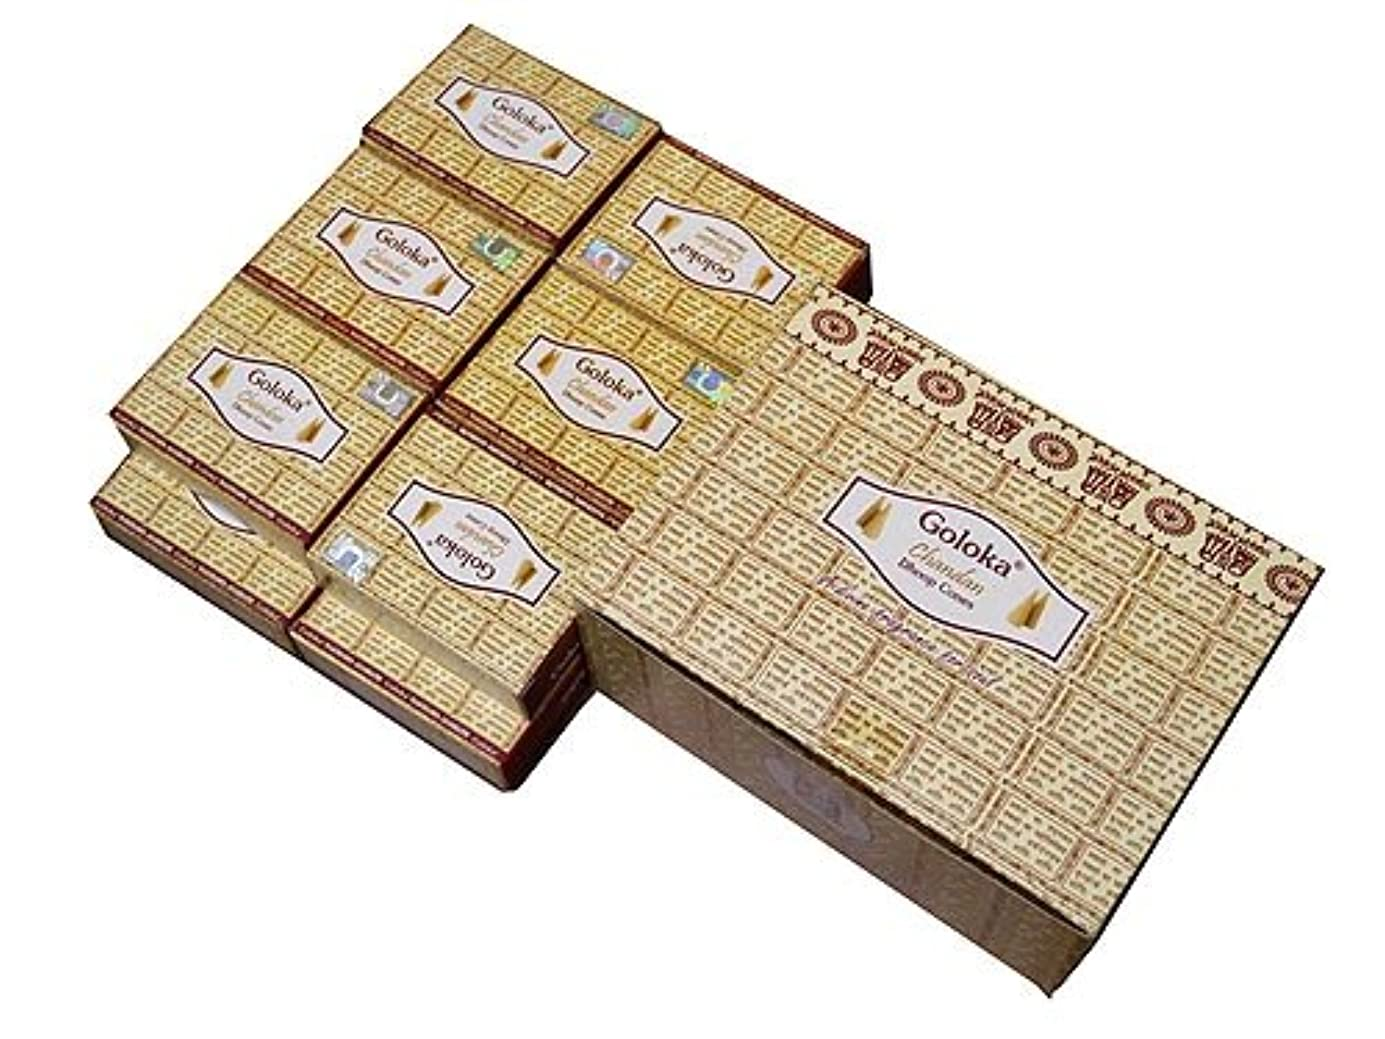 評論家準備したコンプライアンスGOLOKA(ゴロカ) ゴロカ チャンダン香 コーンタイプ CHANDAN CORN 12箱セット